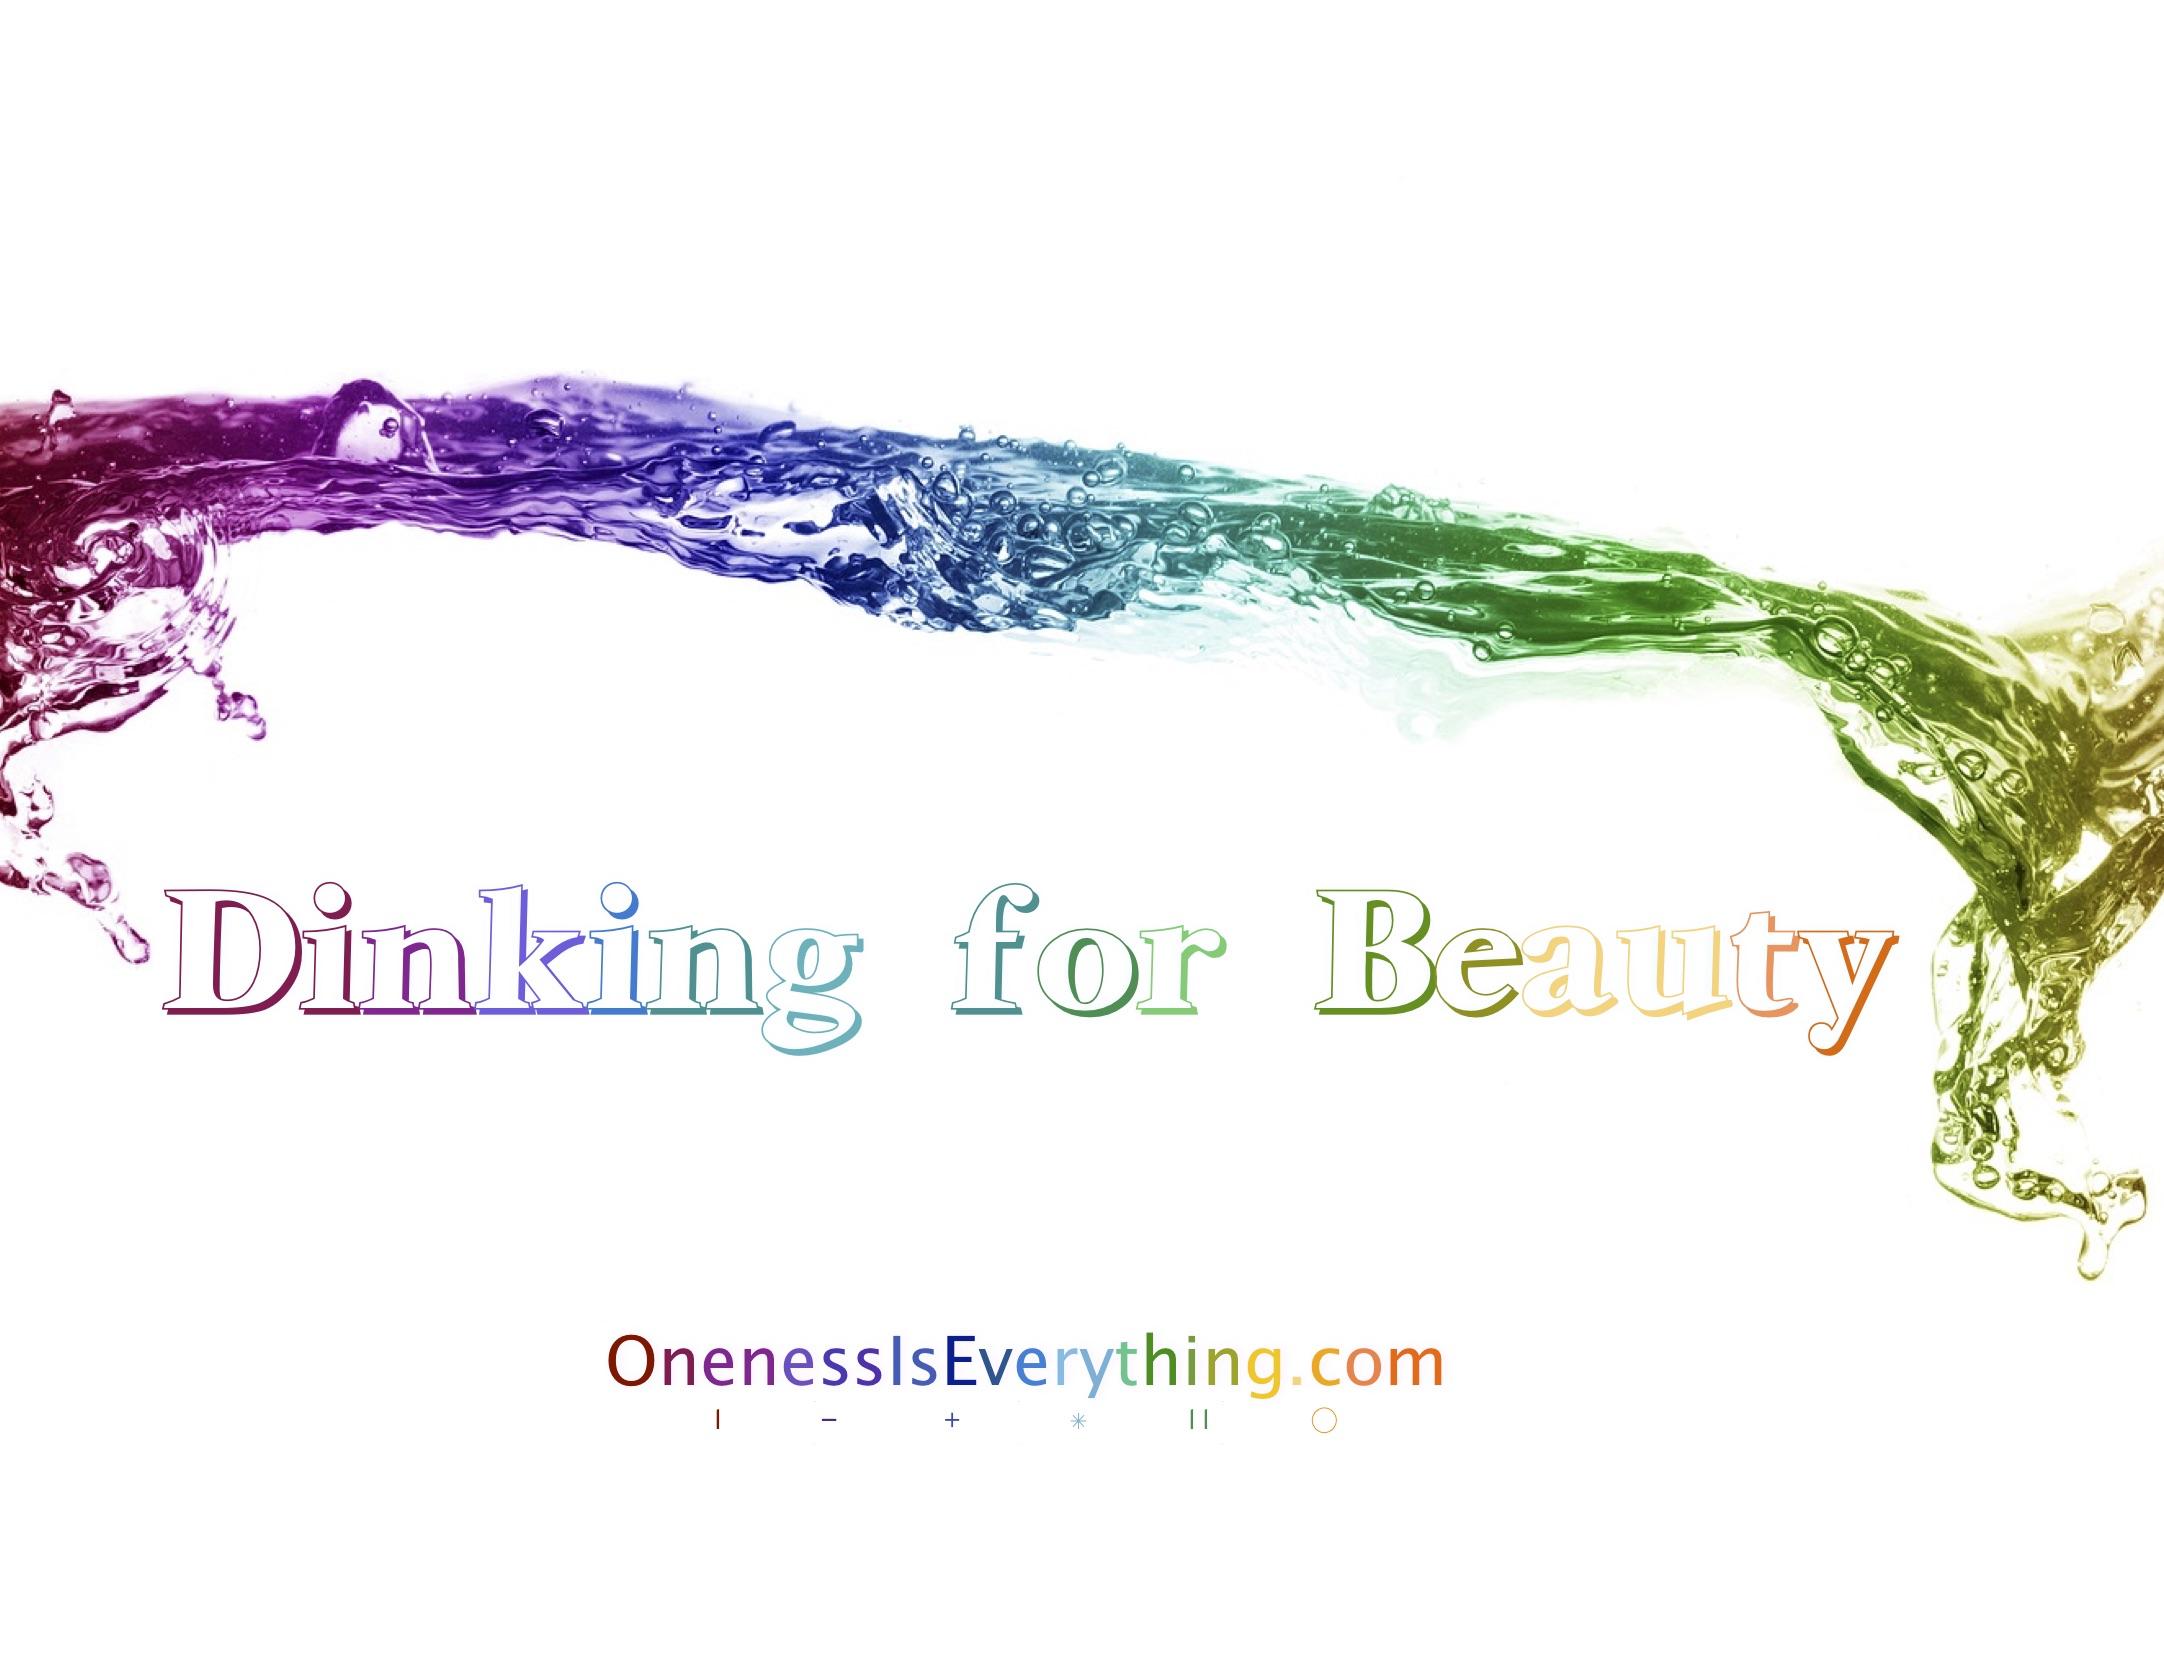 Dinking for Beauty.jpg